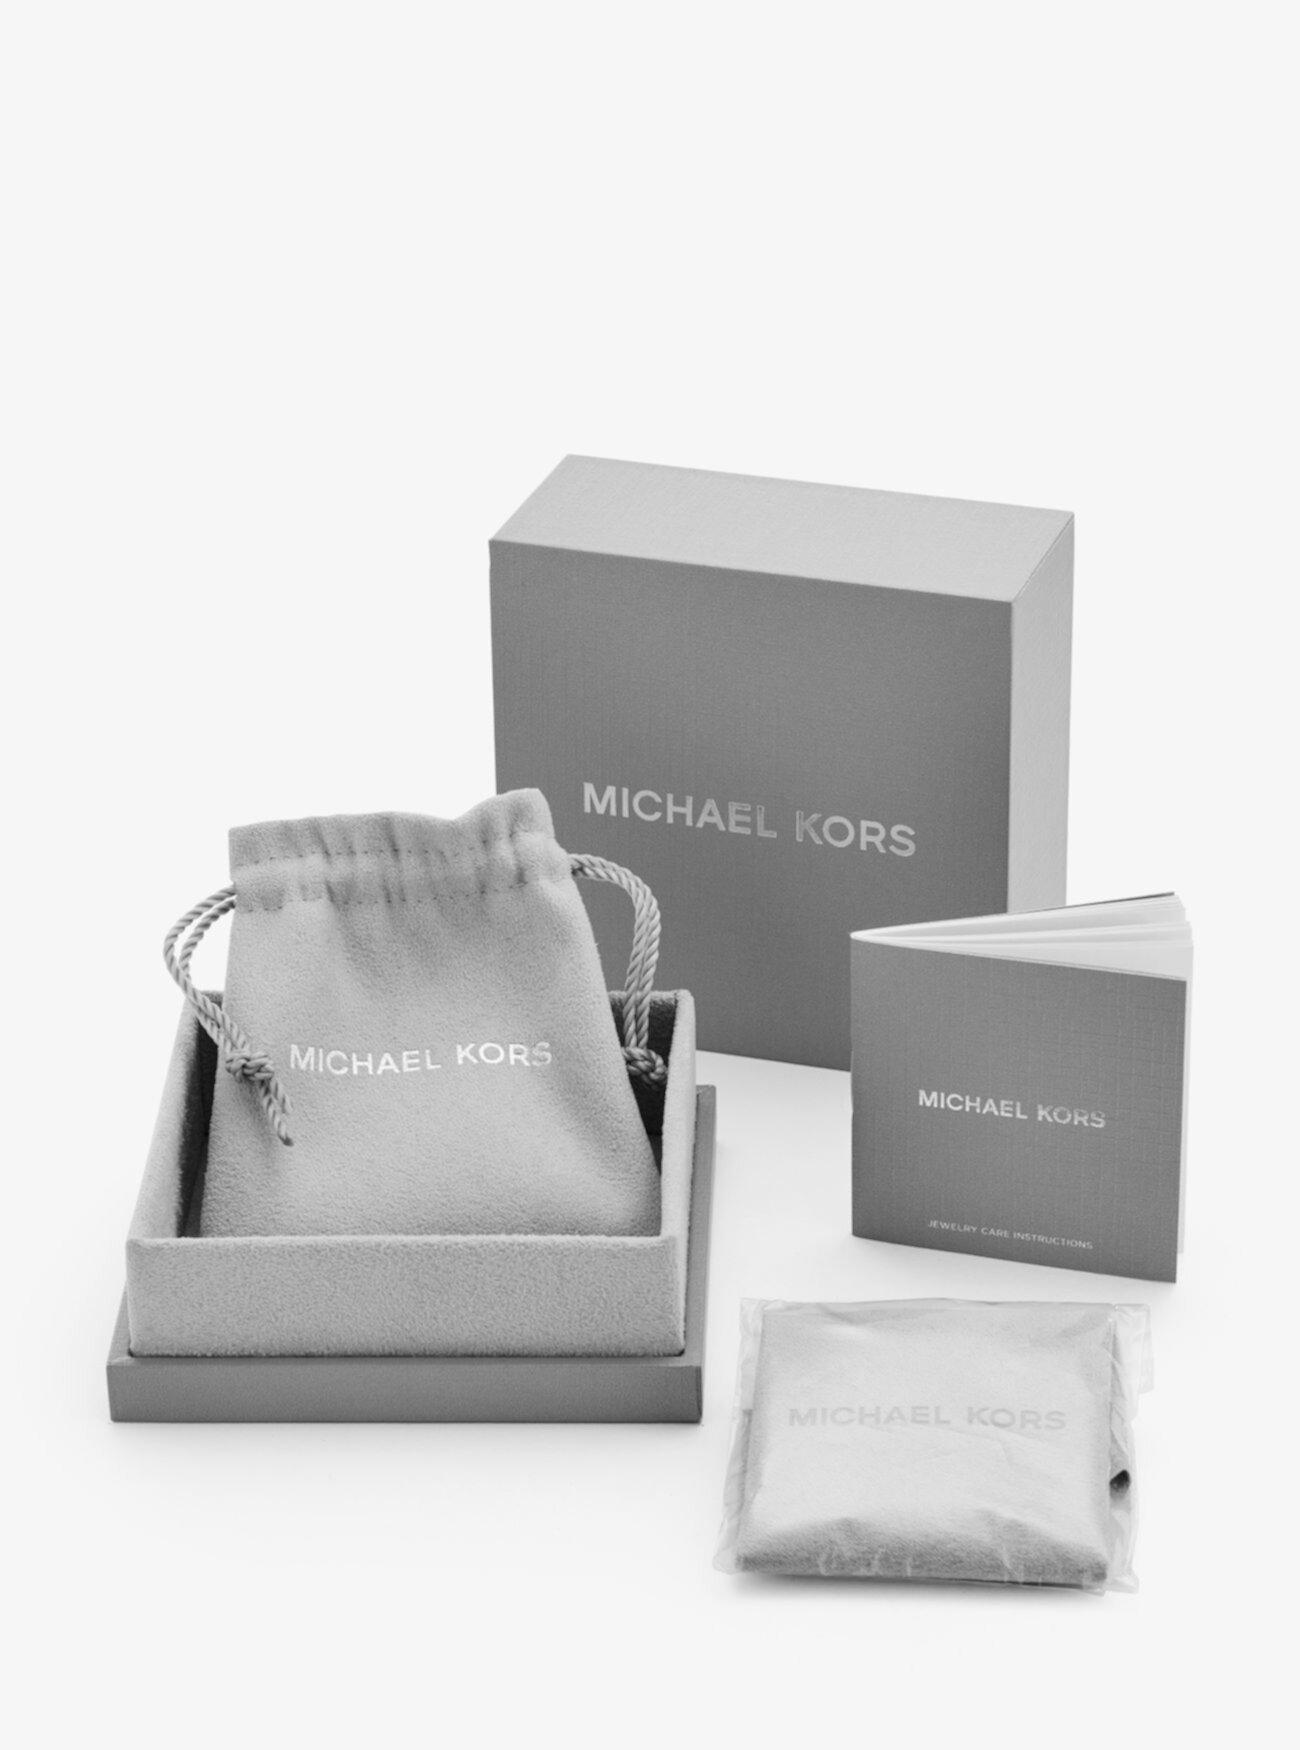 Павильон из стерлингового серебра с покрытием из драгоценных металлов? Браслет Сердце Michael Kors